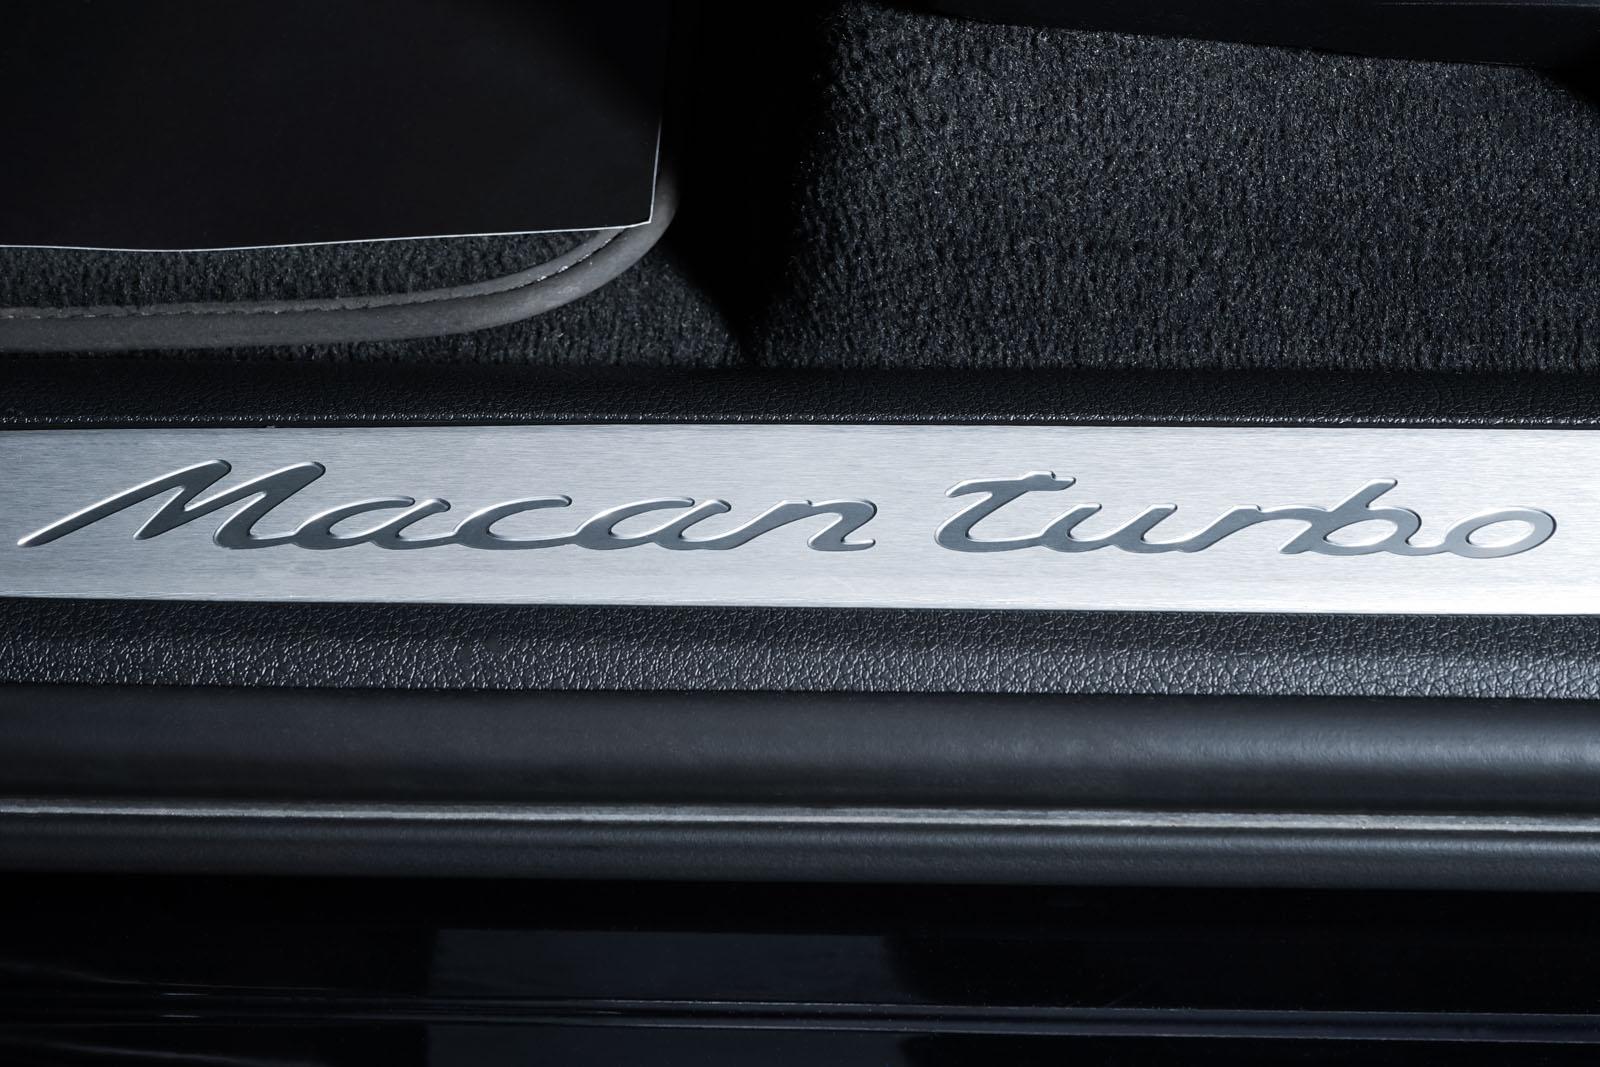 Porsche_Macan_TurboS_Schwarz_Schwarz_POR-2871_10_w